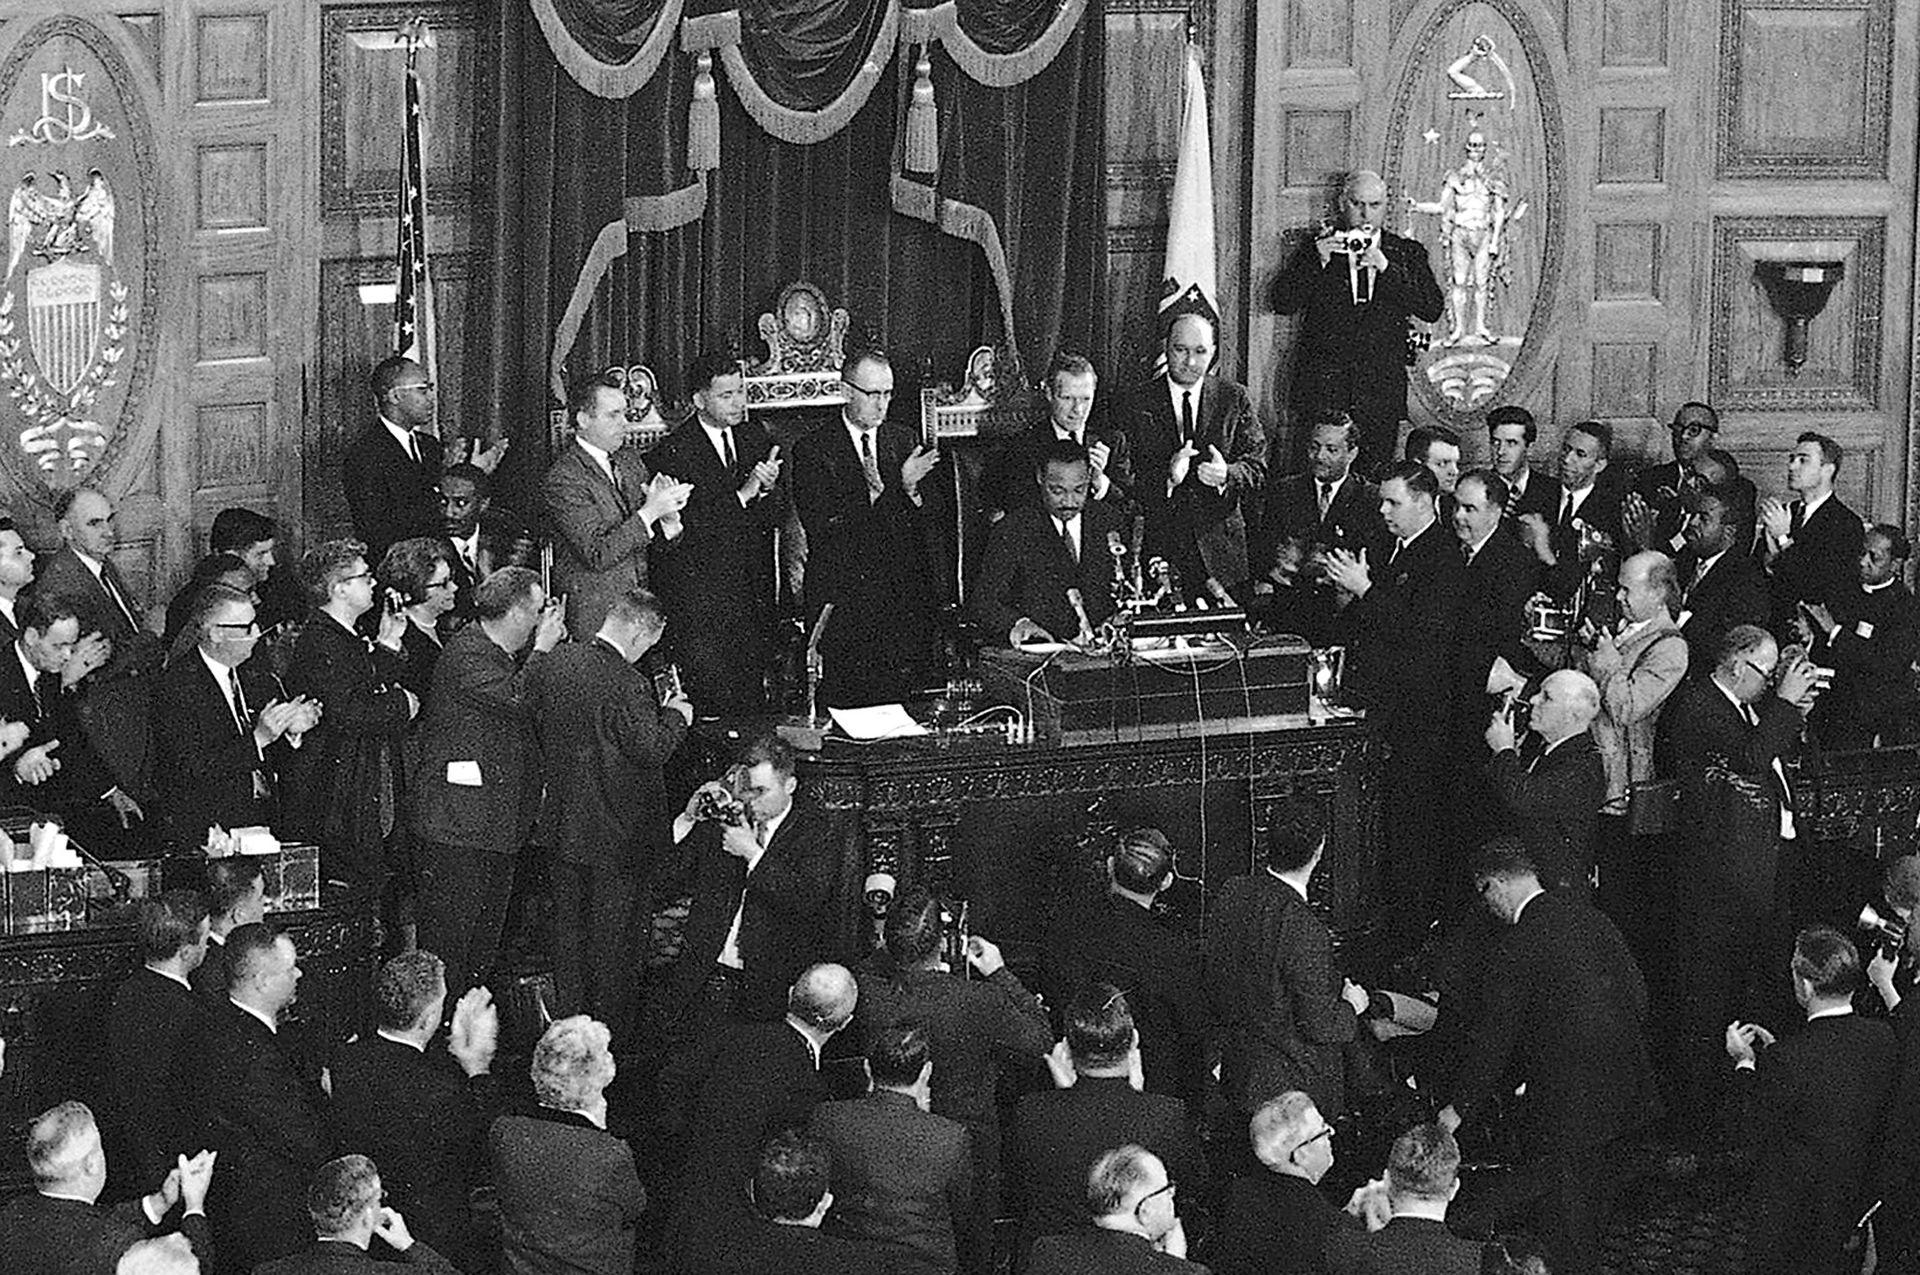 El 22 de abril de 1965, Martin Luther King, recibe aplausos después de terminar un discurso en la sesión conjunta de la Legislatura de Massachusetts en Boston